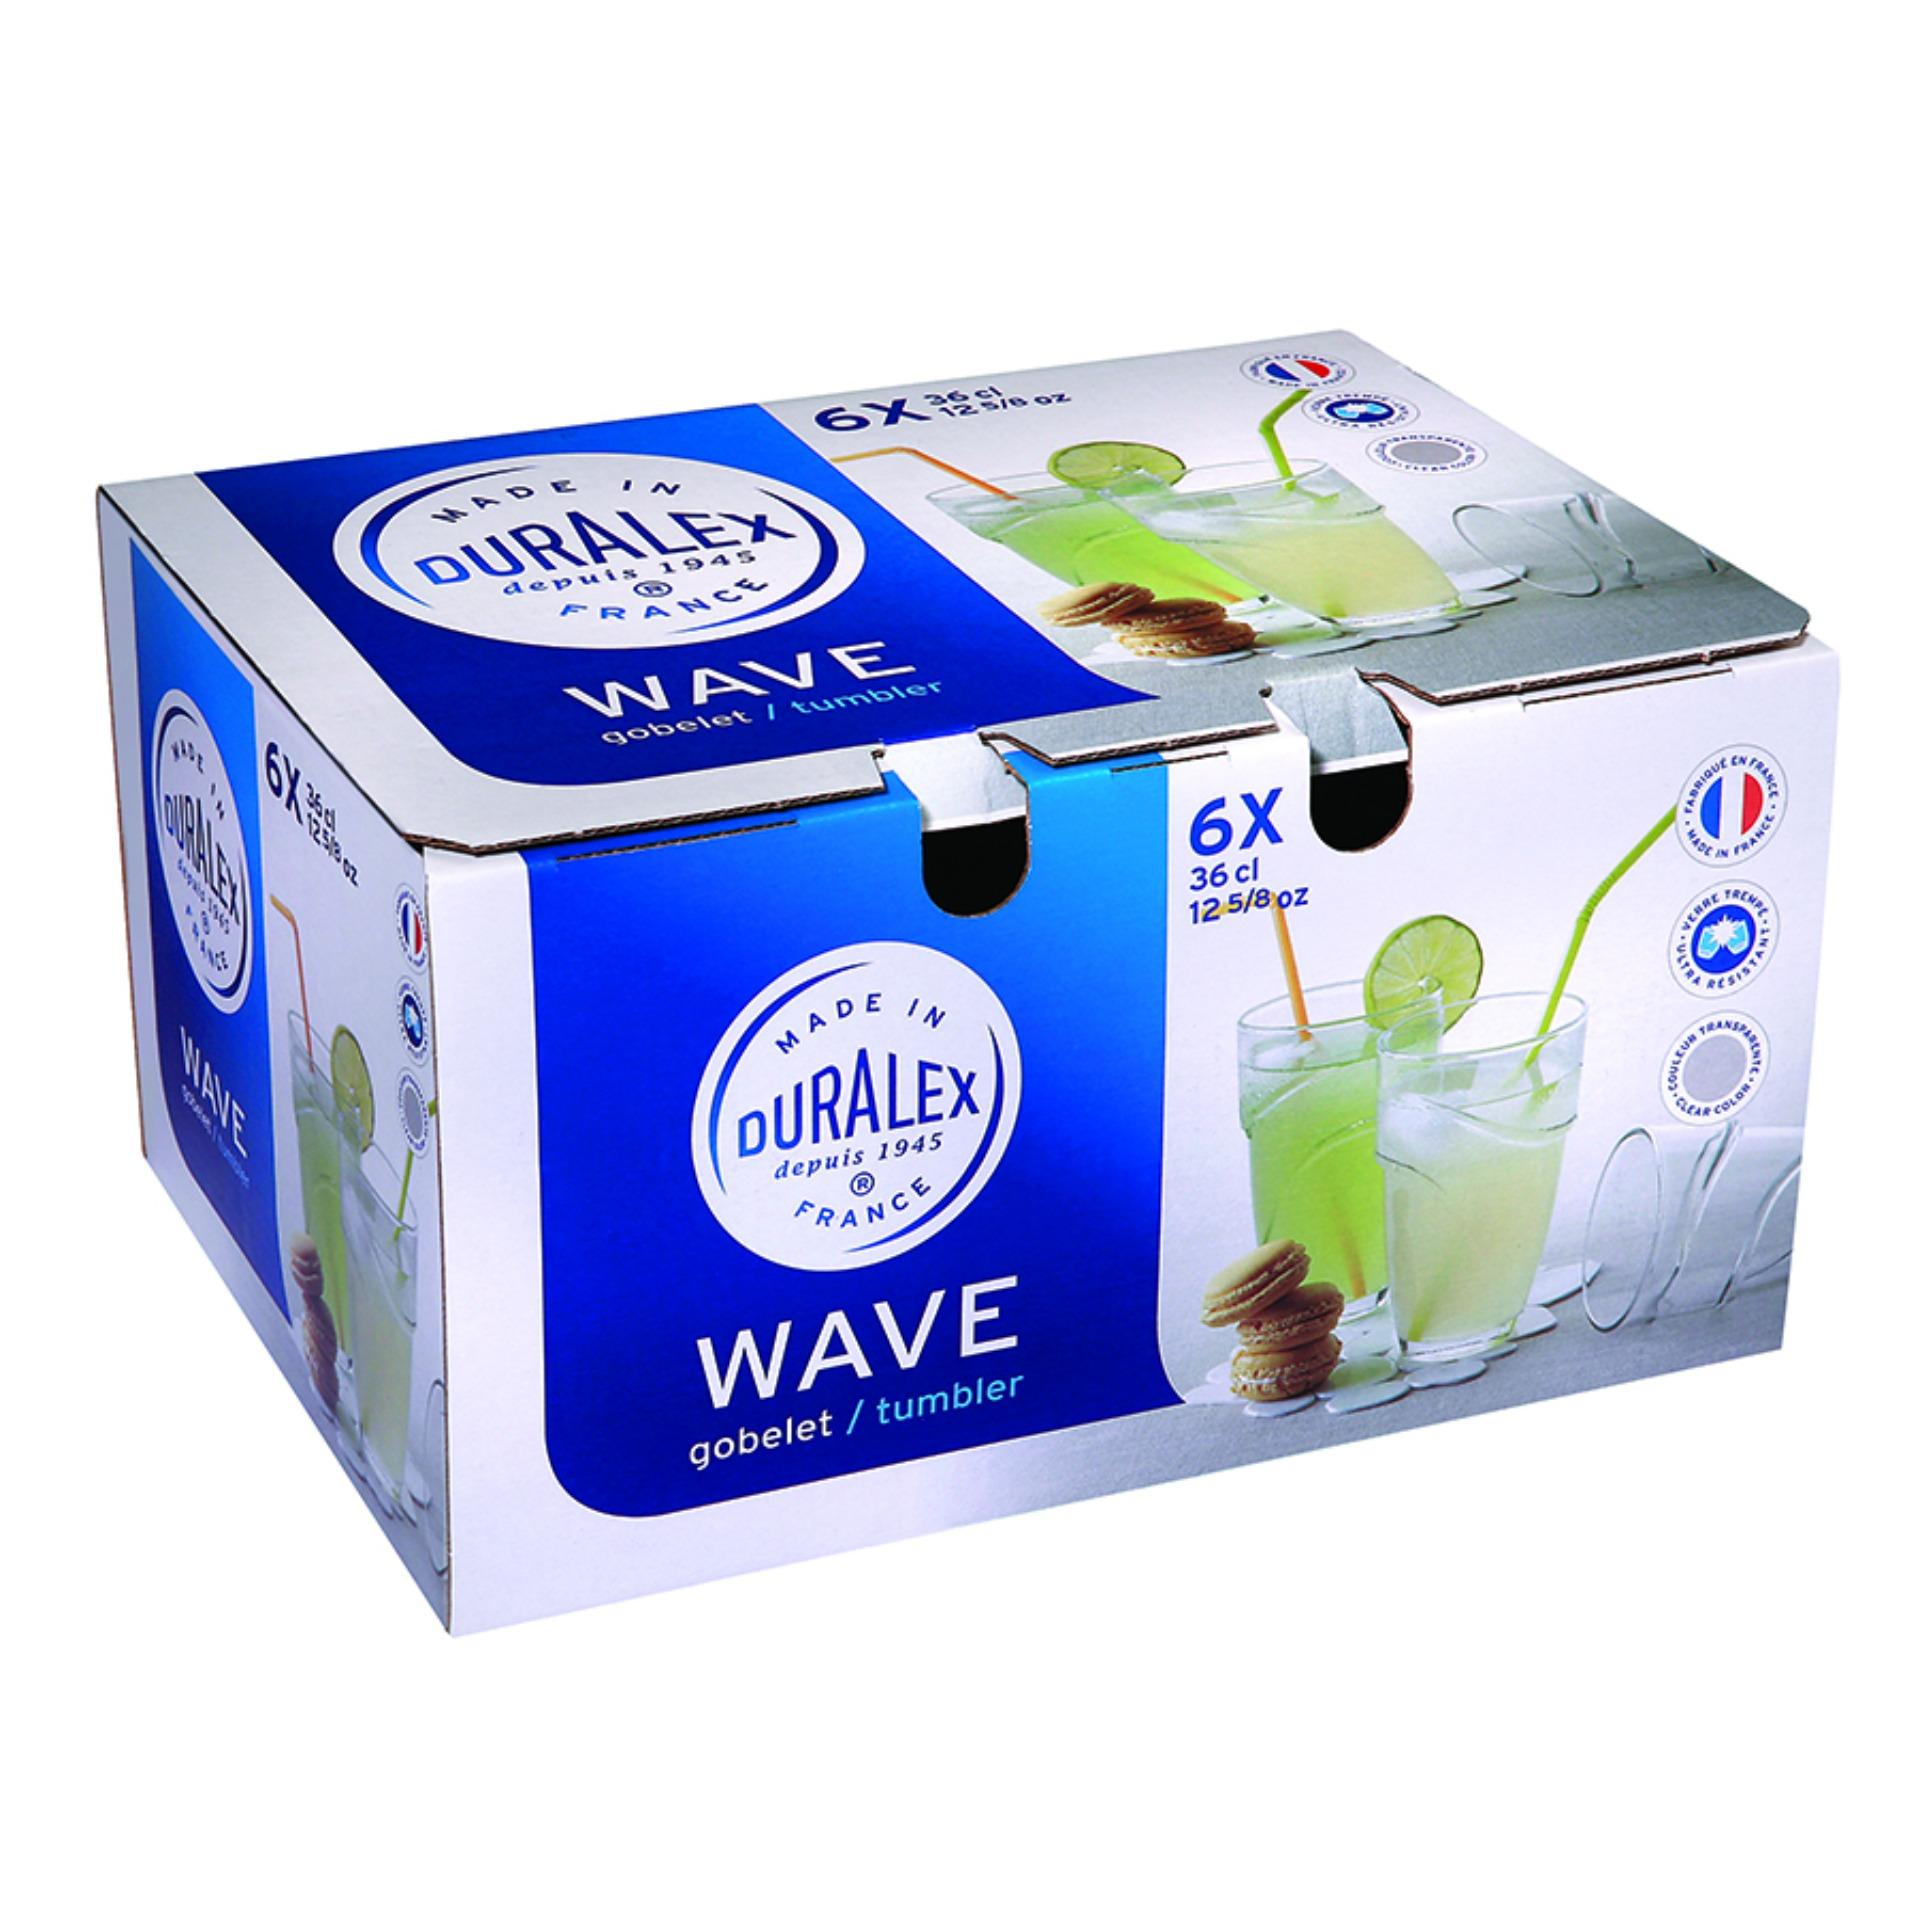 Bộ 6 Ly thuỷ tinh Wave Clear Tumbler DURALEX 360ml -1054AB06A0111